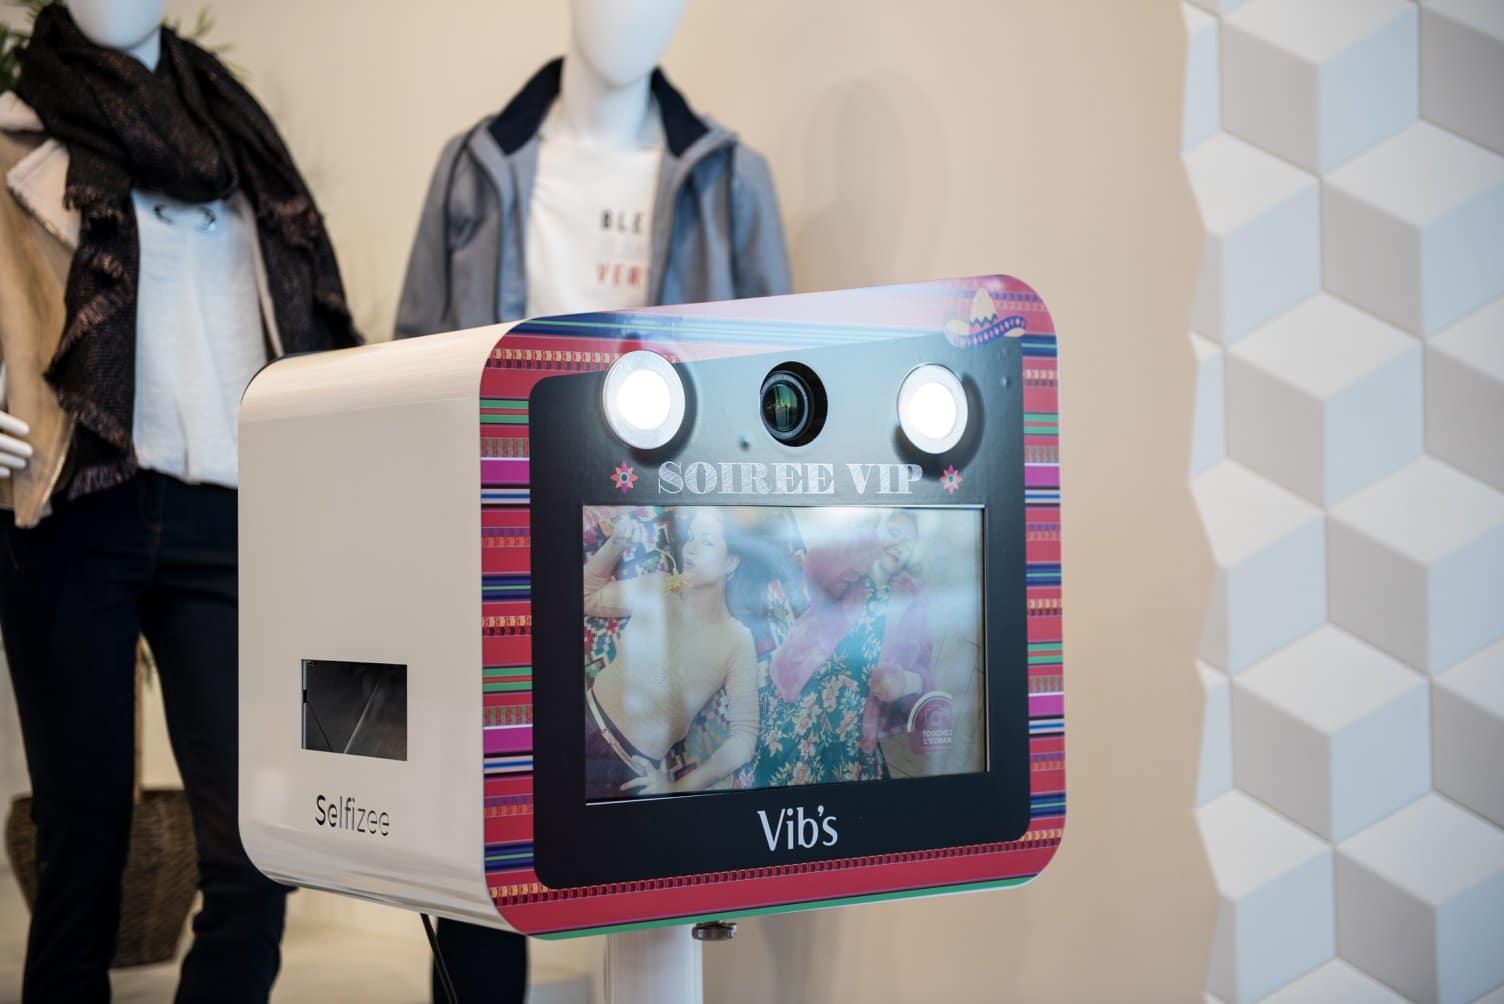 Photobooth connecté et photocall pour animation soirée Vib's au centre commercial Atlantis Nantes avec impressions photos immédiates